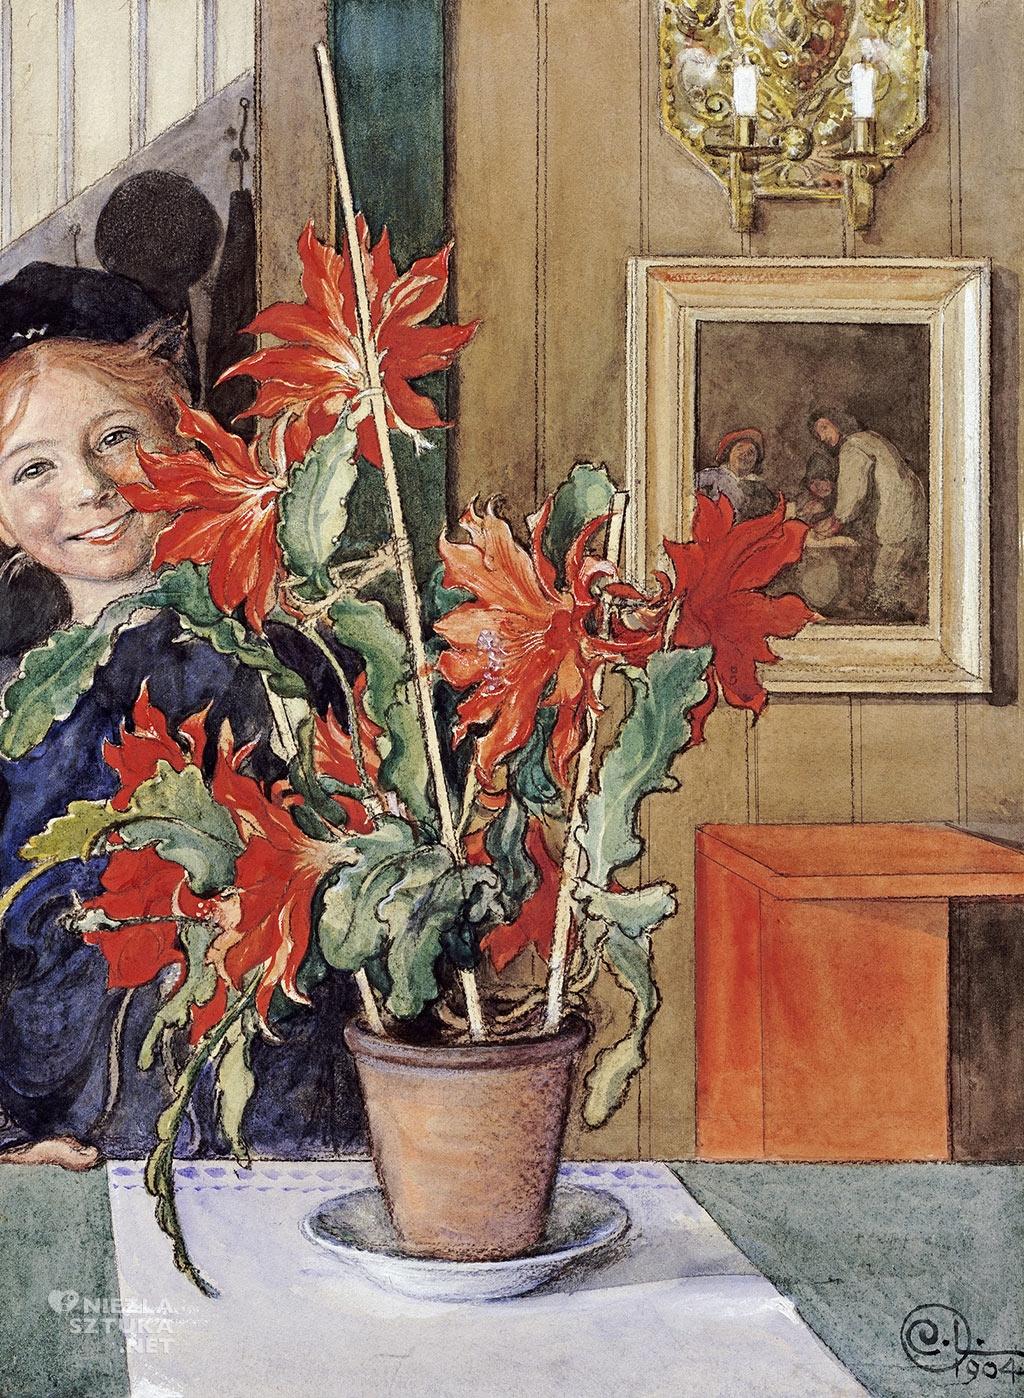 Carl Larsson, Brita z kaktusem, 1904